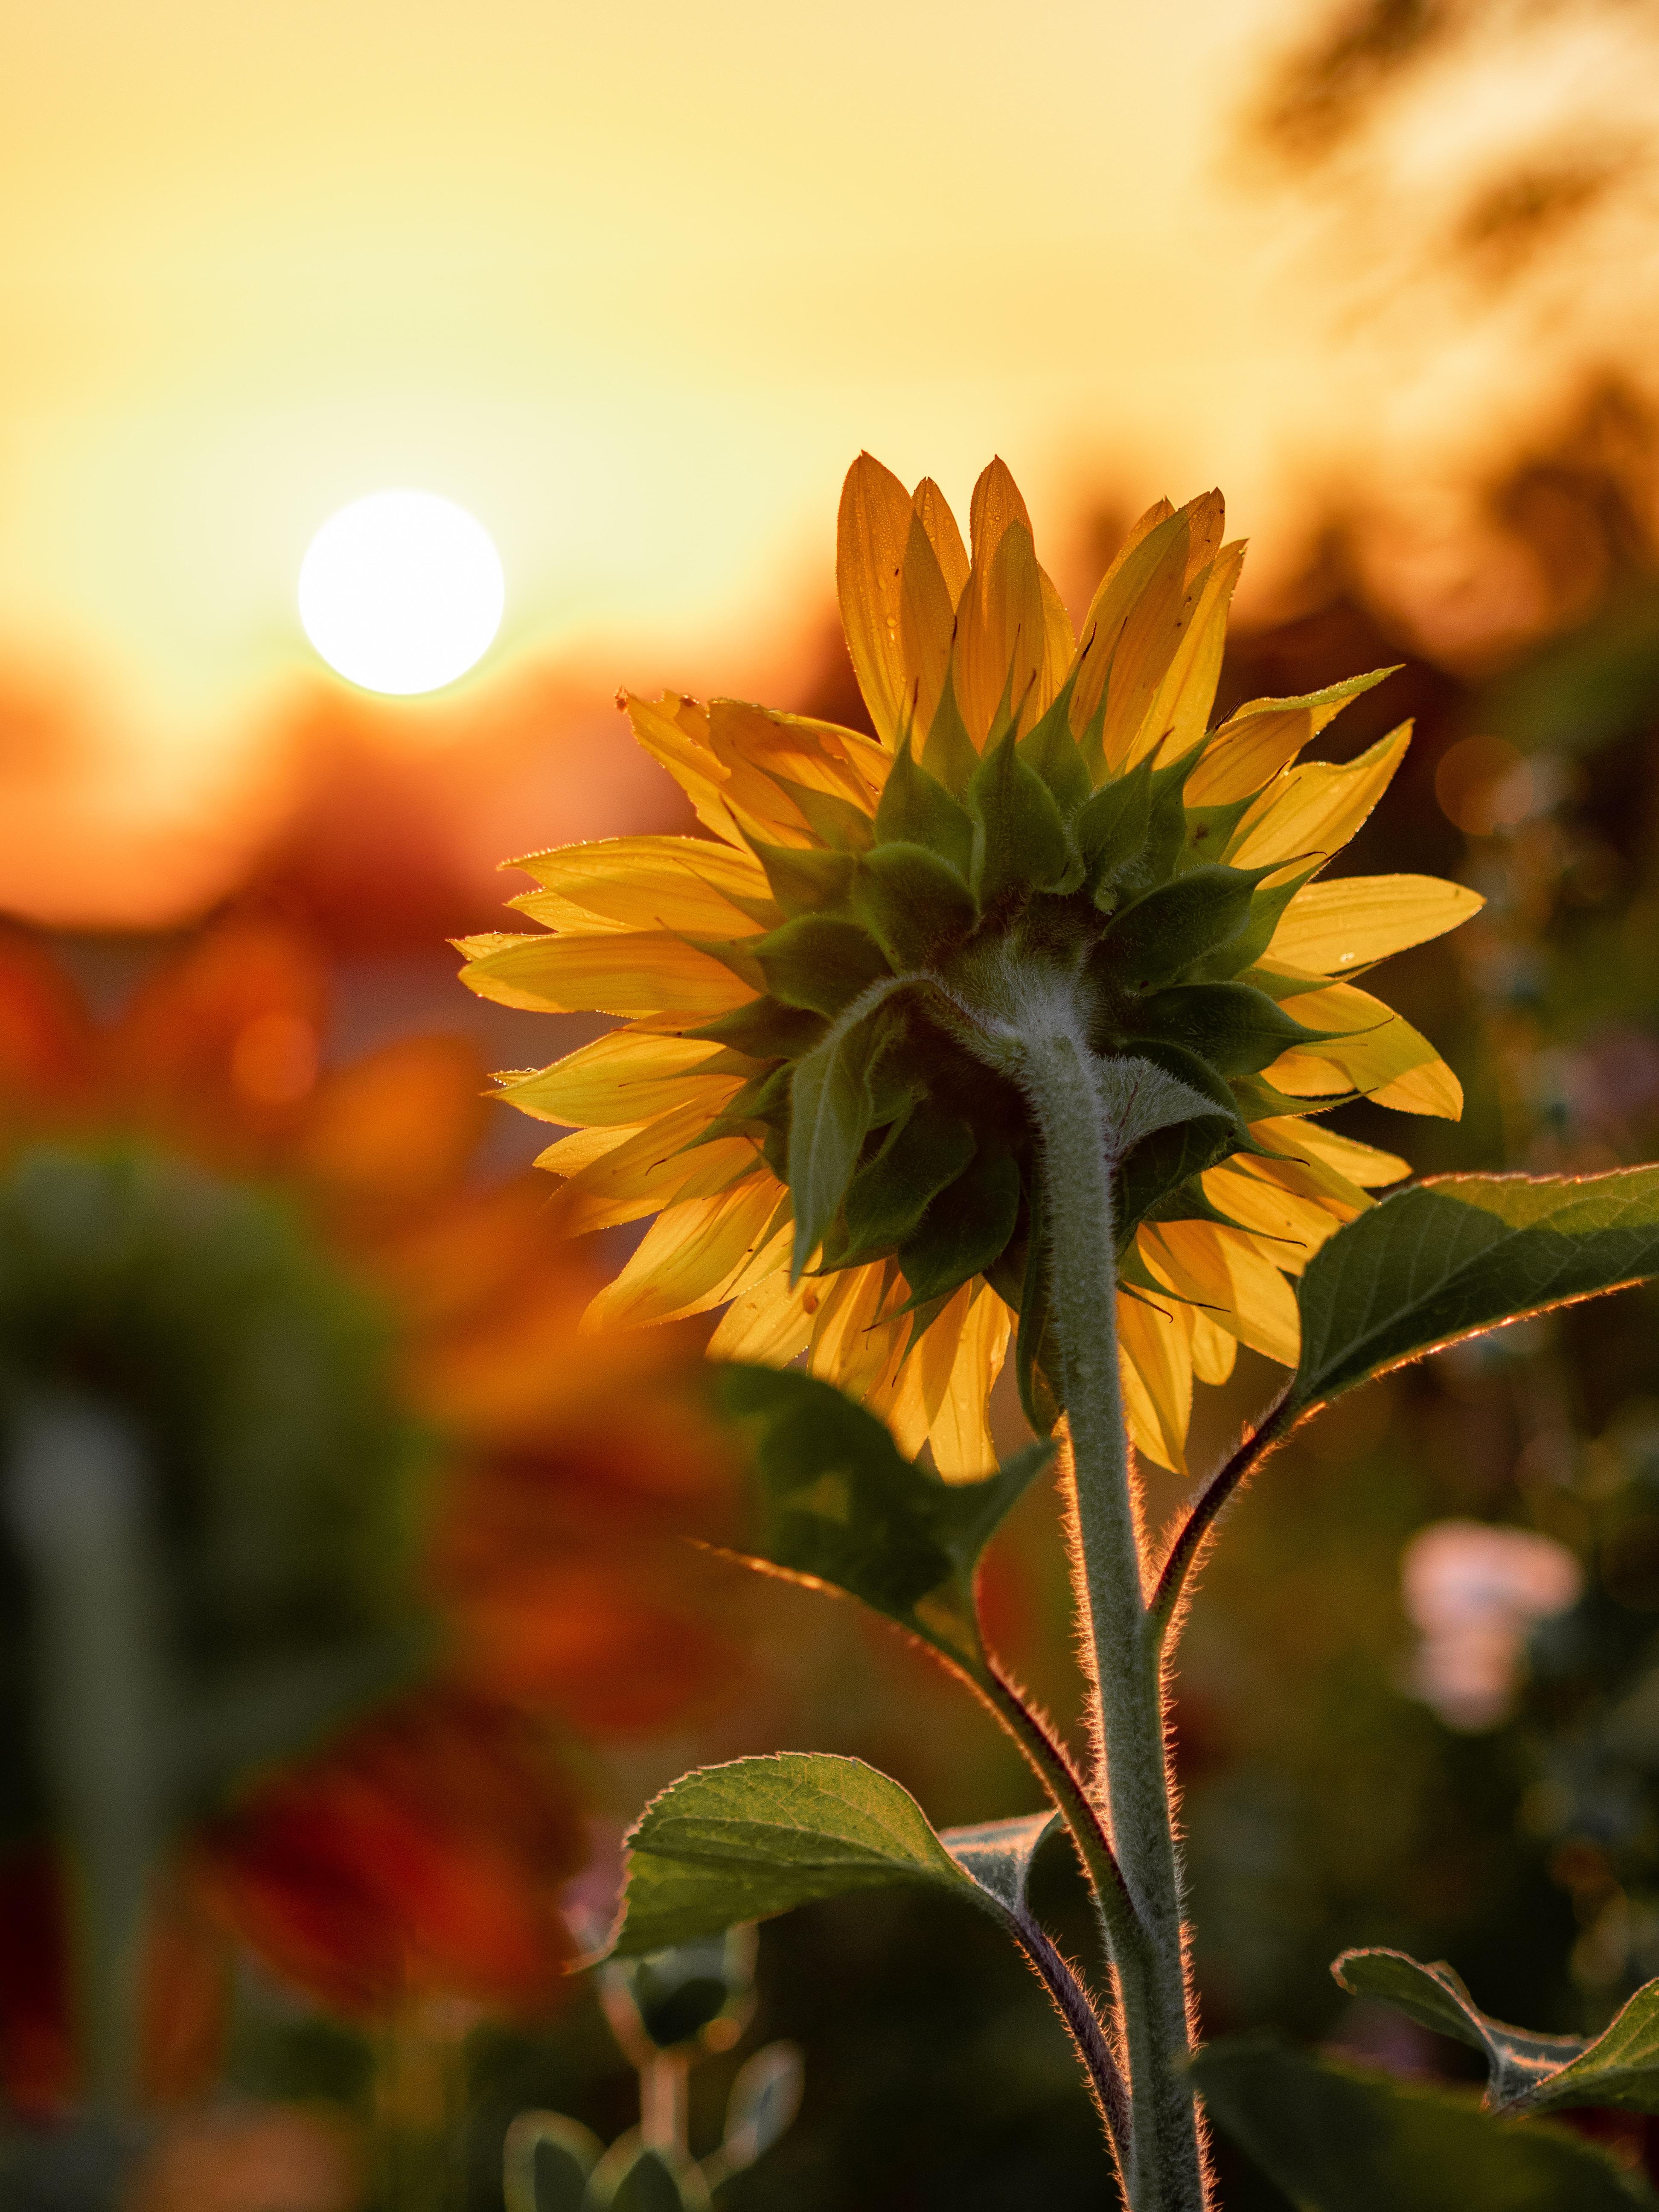 Sunflower memory stories